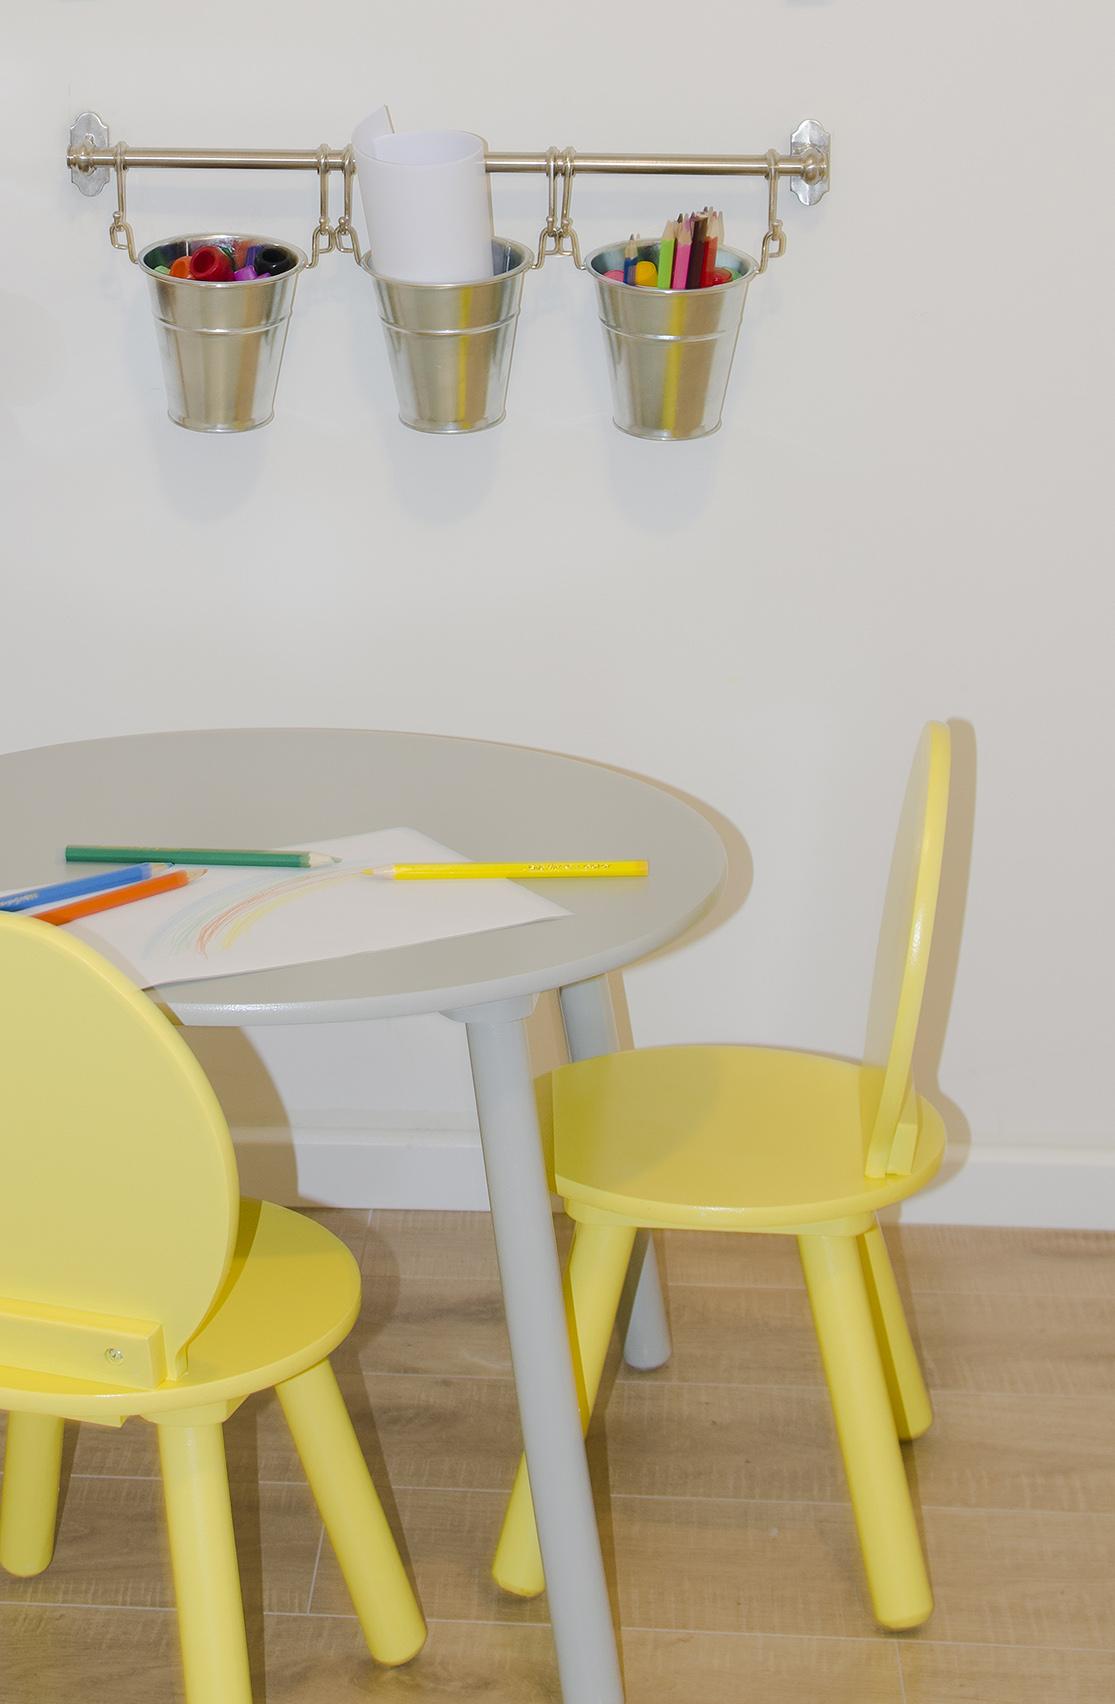 שולחן וכיסאות שנצבעו בהתאם לעיצוב החדר.jpg